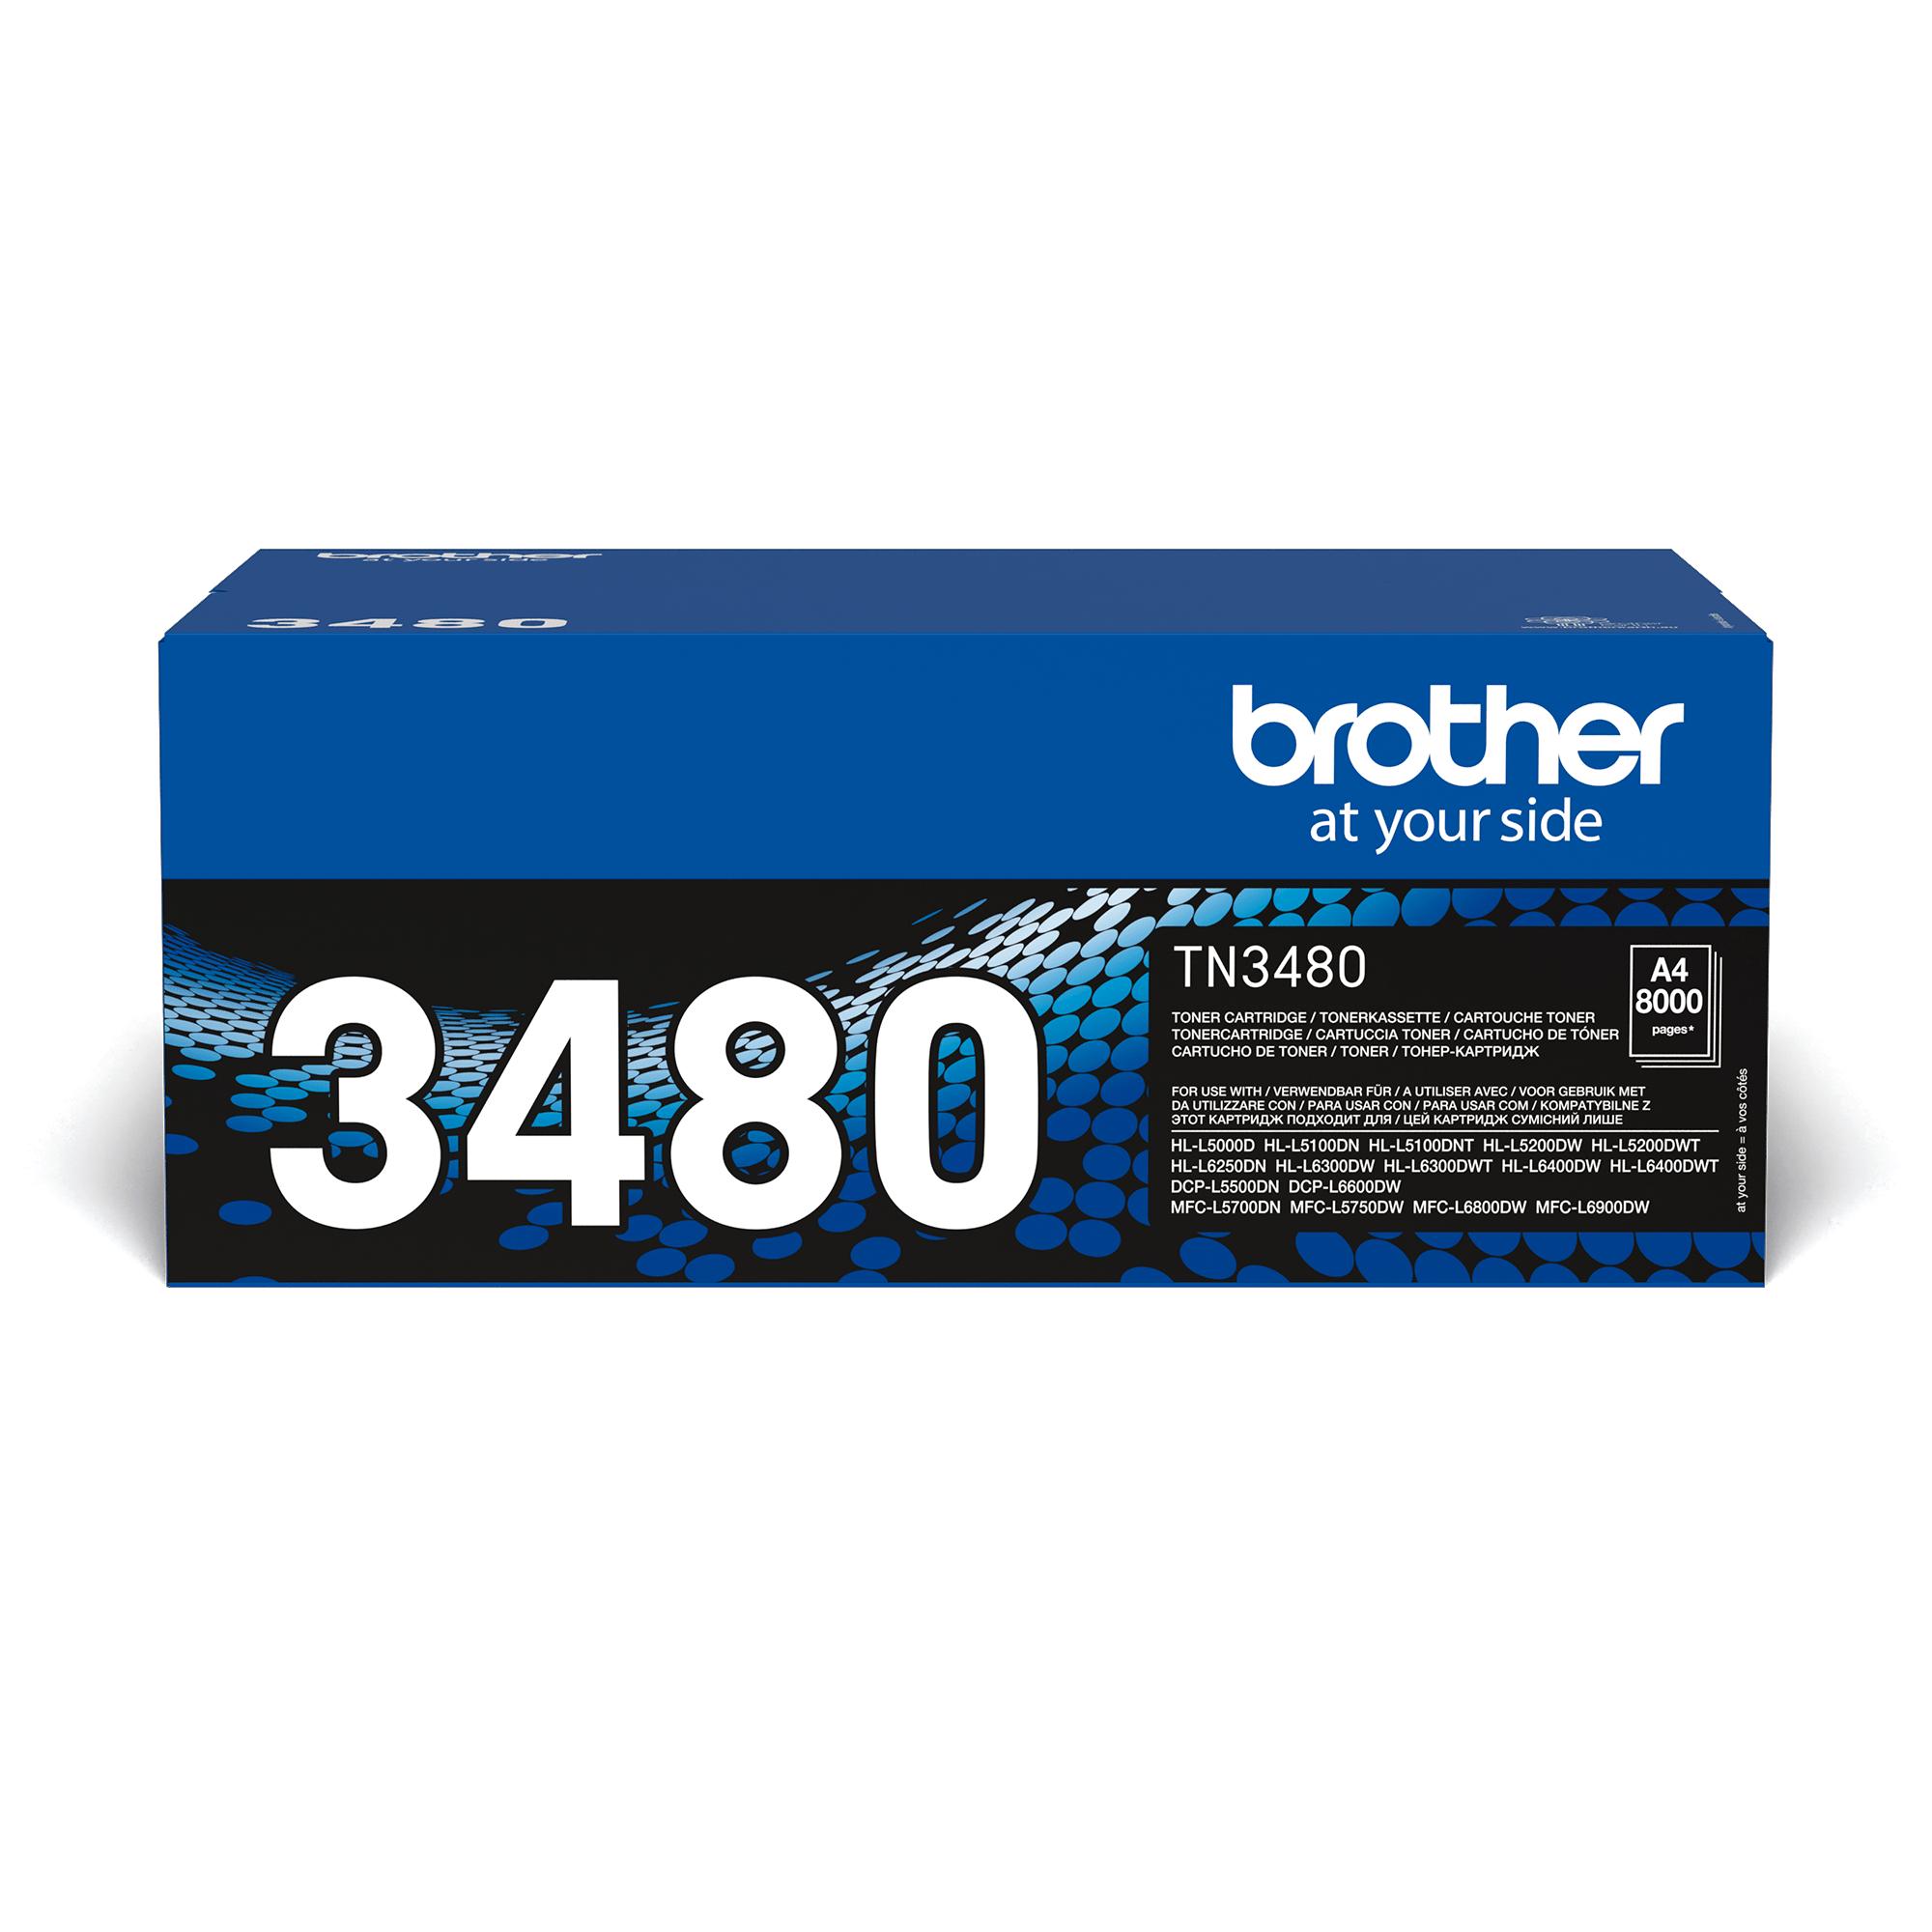 Оригинална тонер касета Brother TN3480 – черен цвят